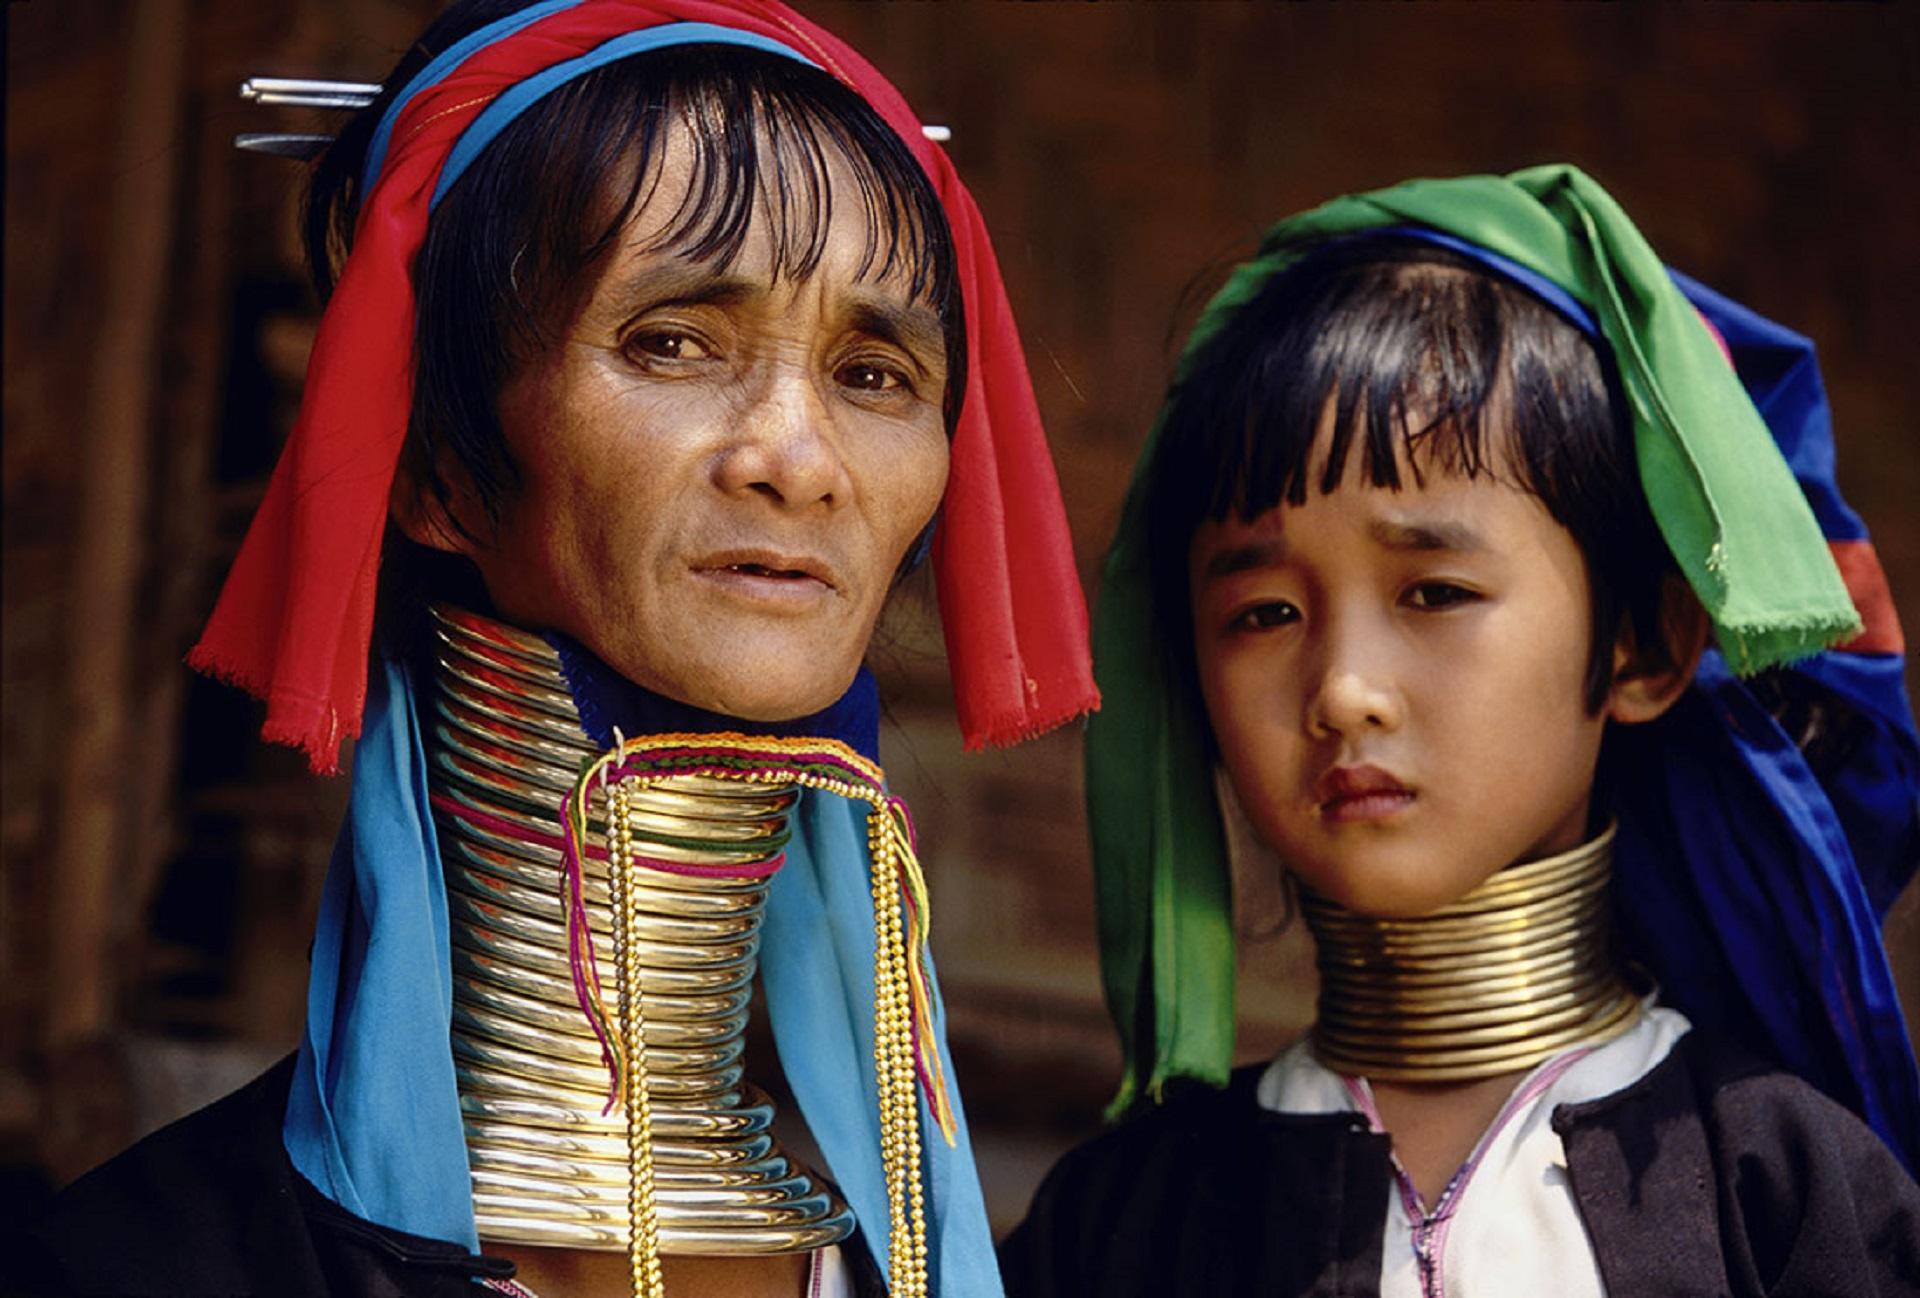 TESOROS DE MYANMAR POR CARRETERA